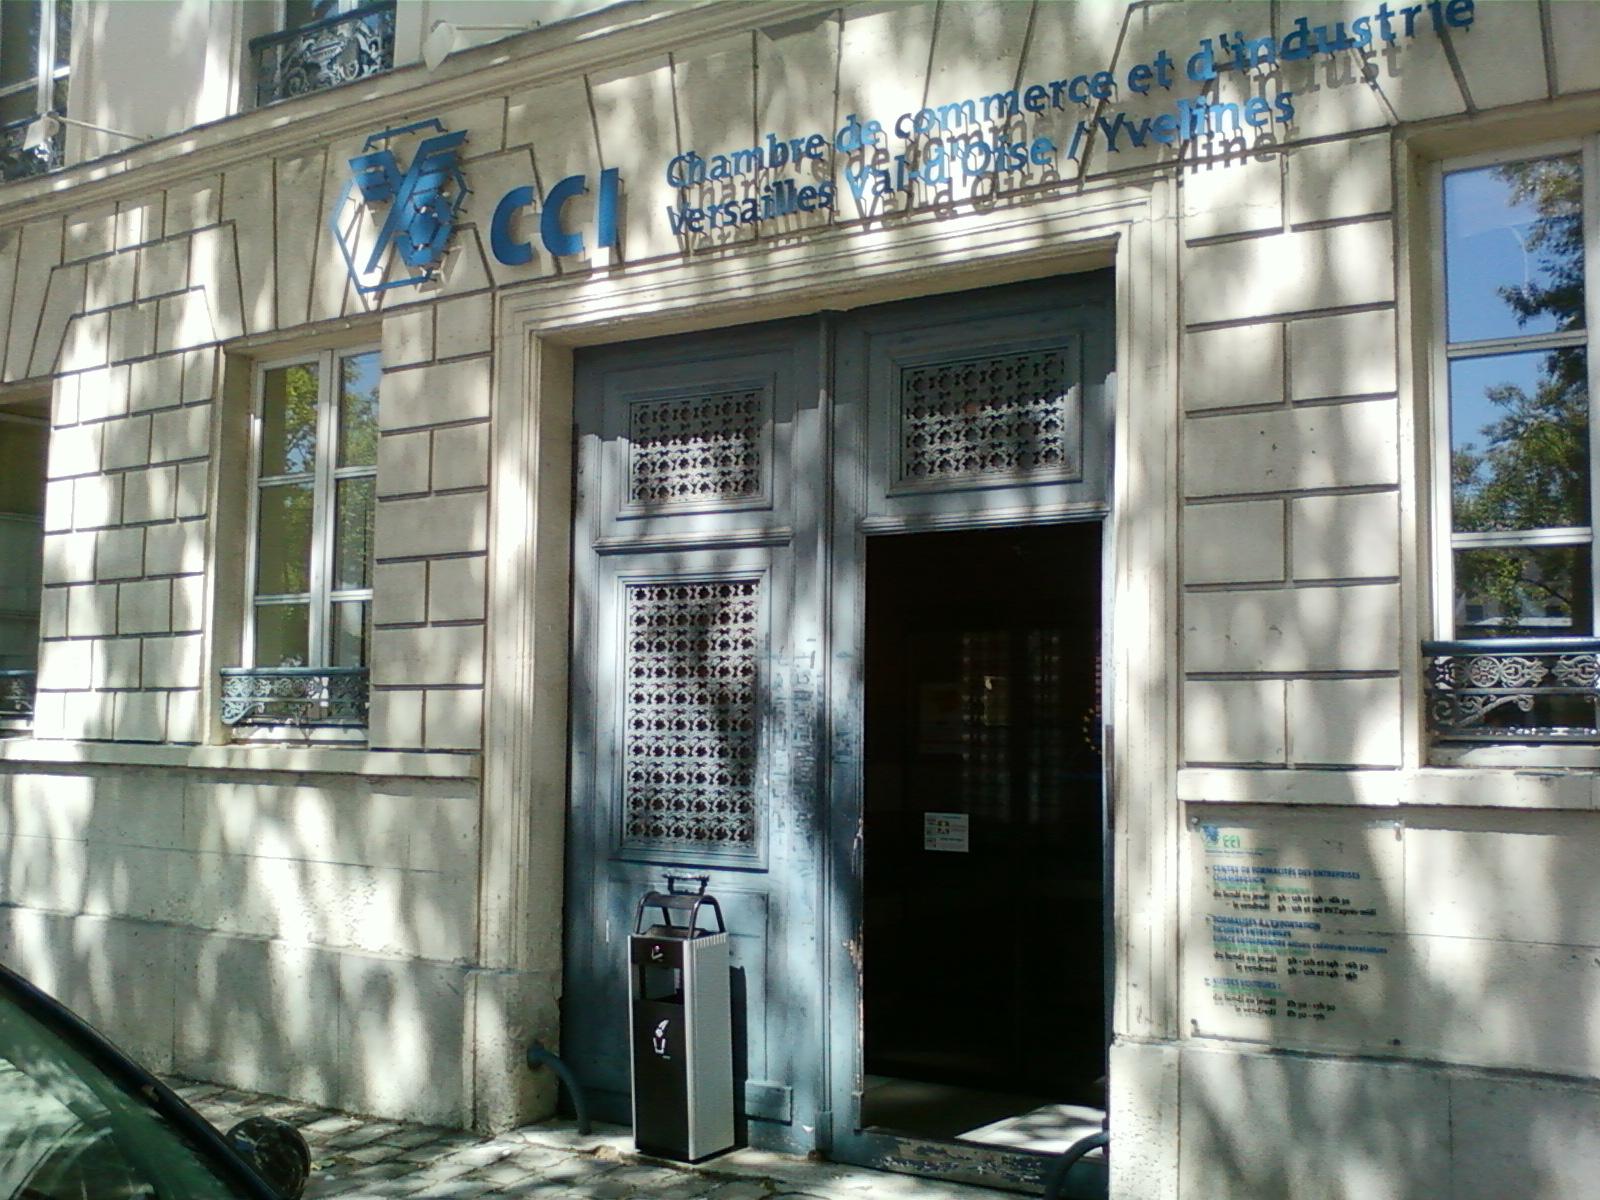 Chambre de commerce et d 39 industrie de versailles val d 39 oise yvelines wikip dia - Chambre de metiers versailles ...